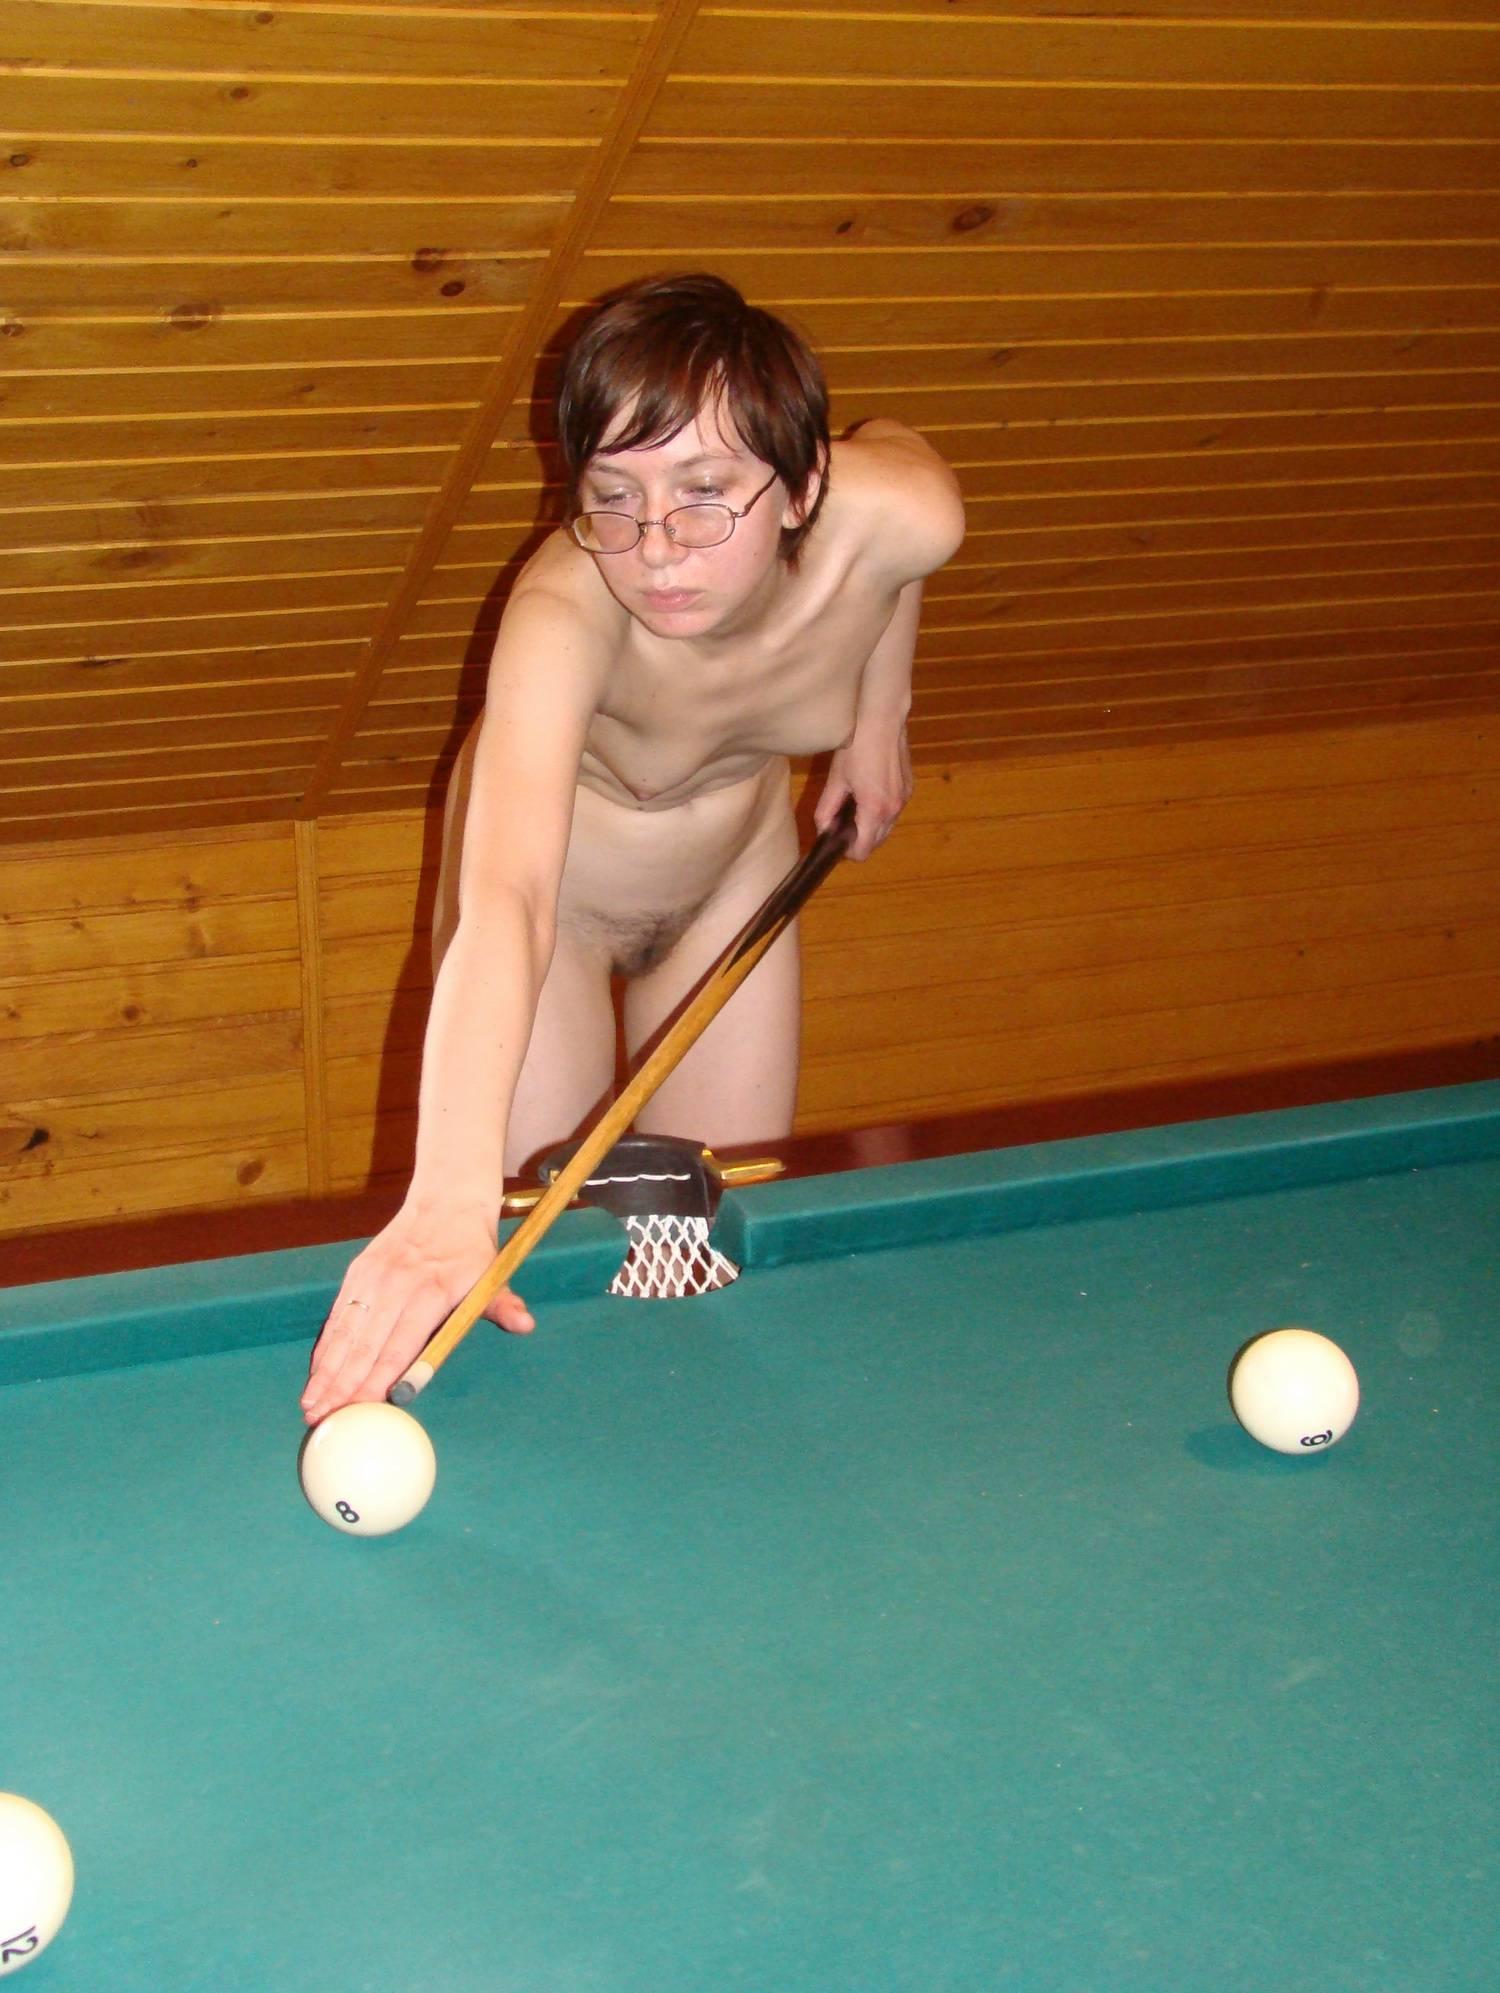 Naturist Girls Pool Gaming - 1